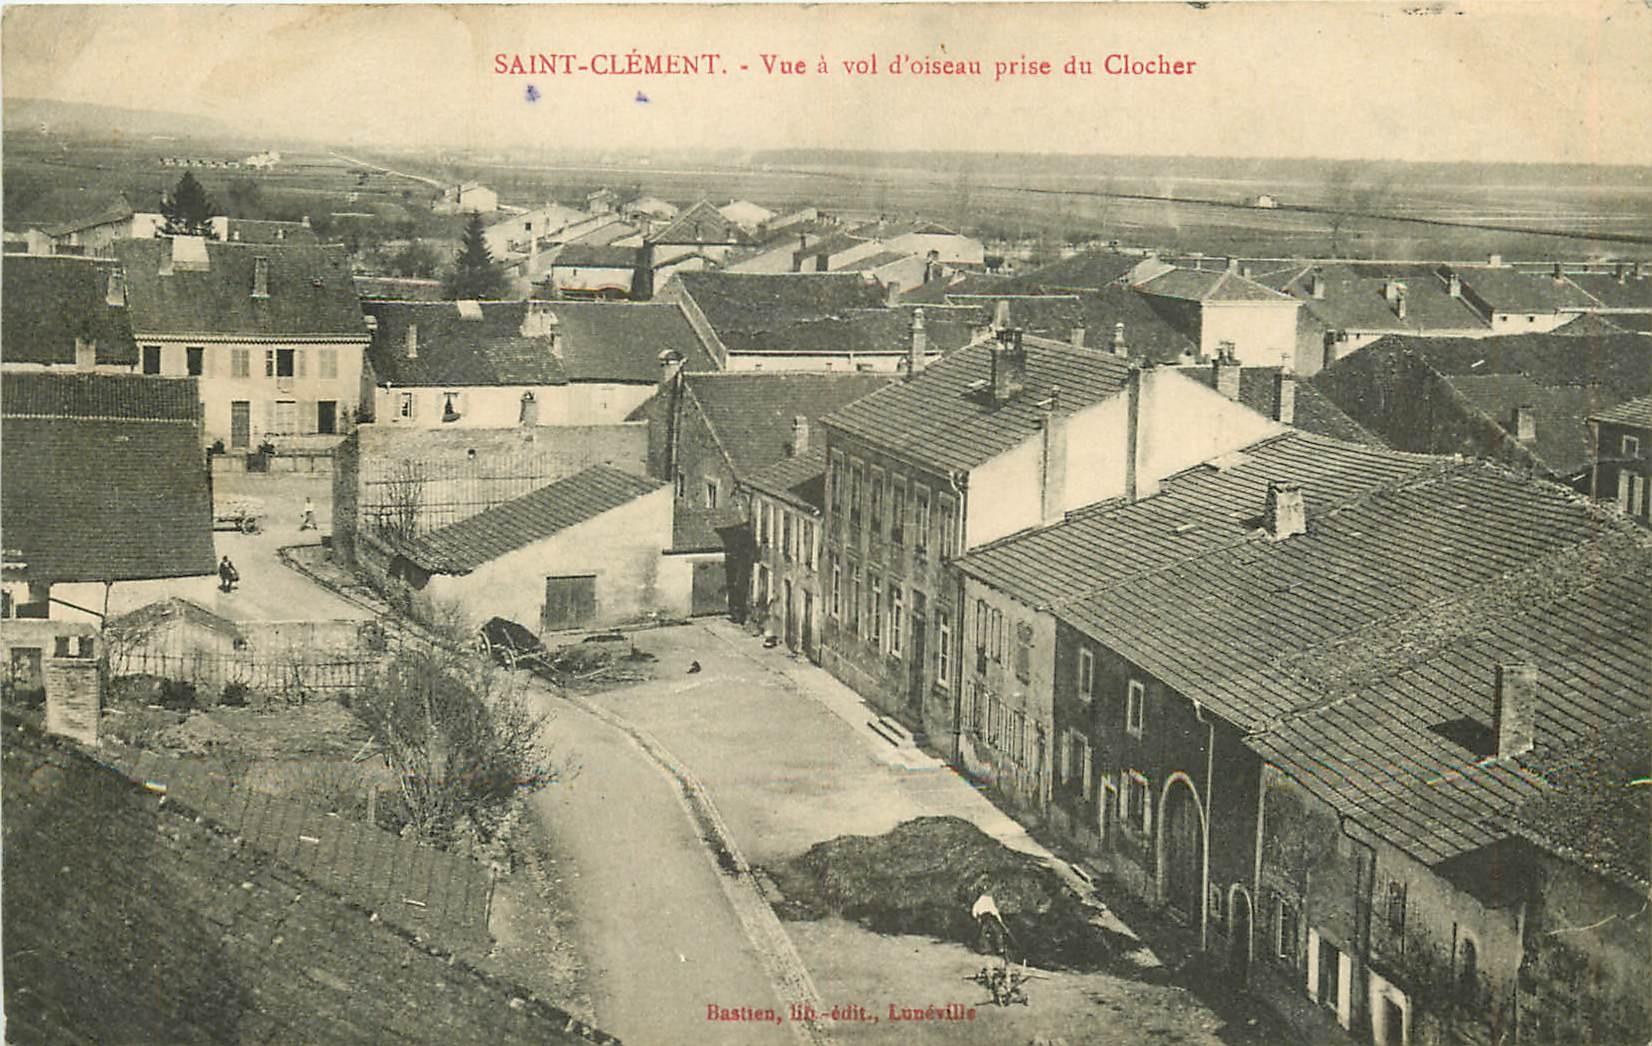 54 SAINT-CLEMENT. Vue prise du Clocher 1915